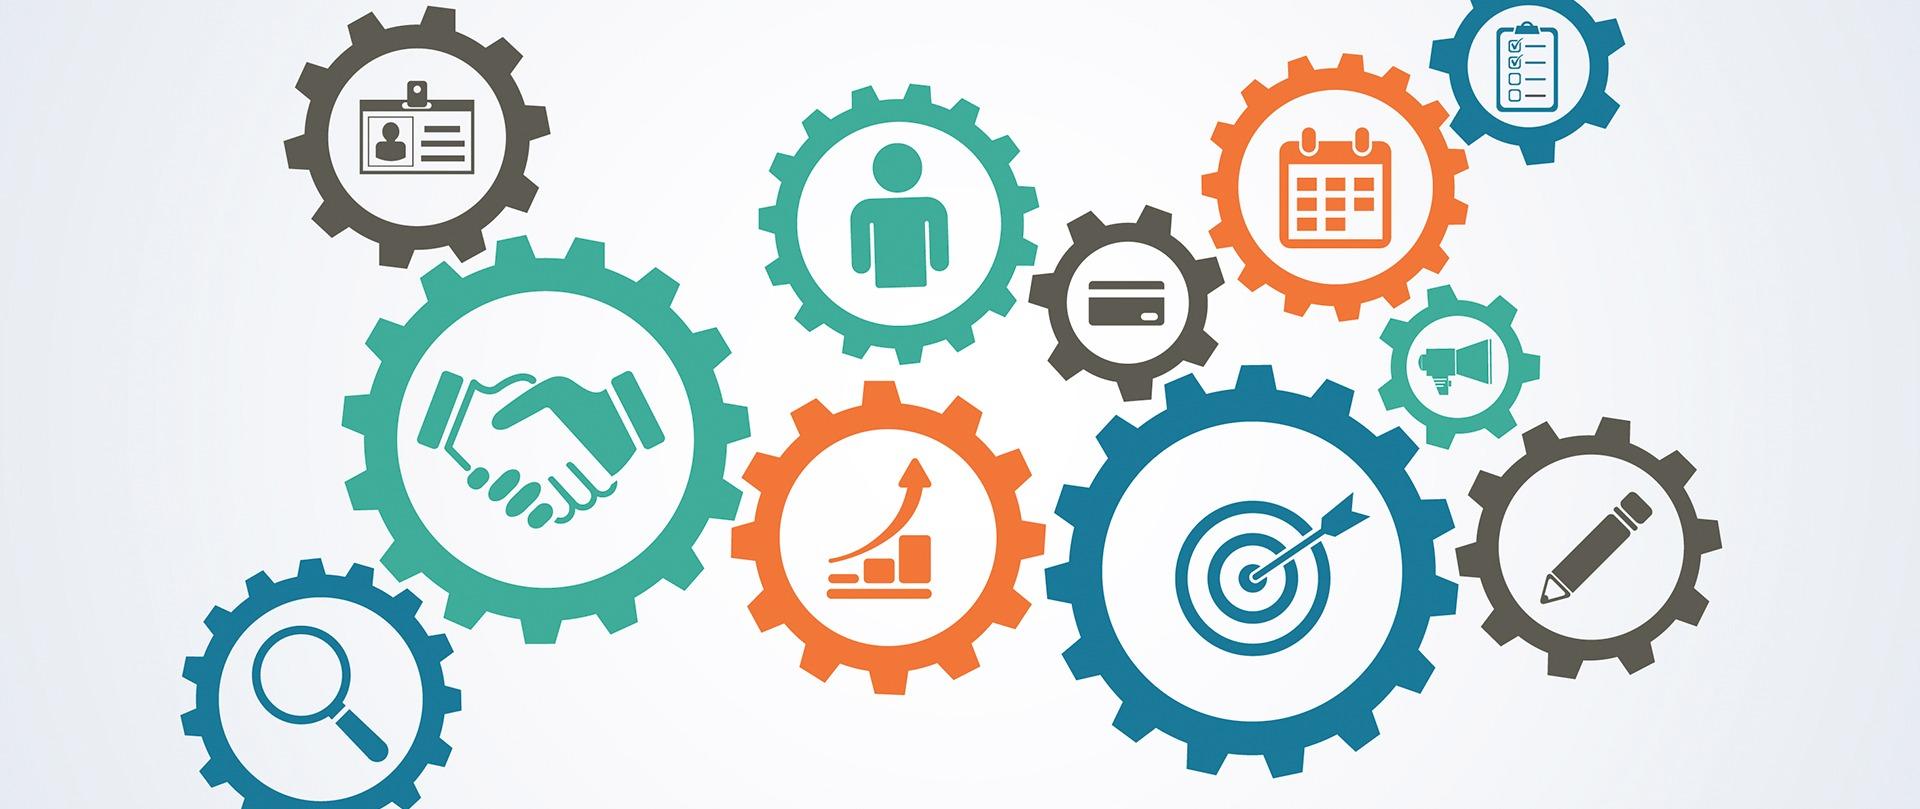 Qualidade e Gestão de Processos: Gestão de Serviços